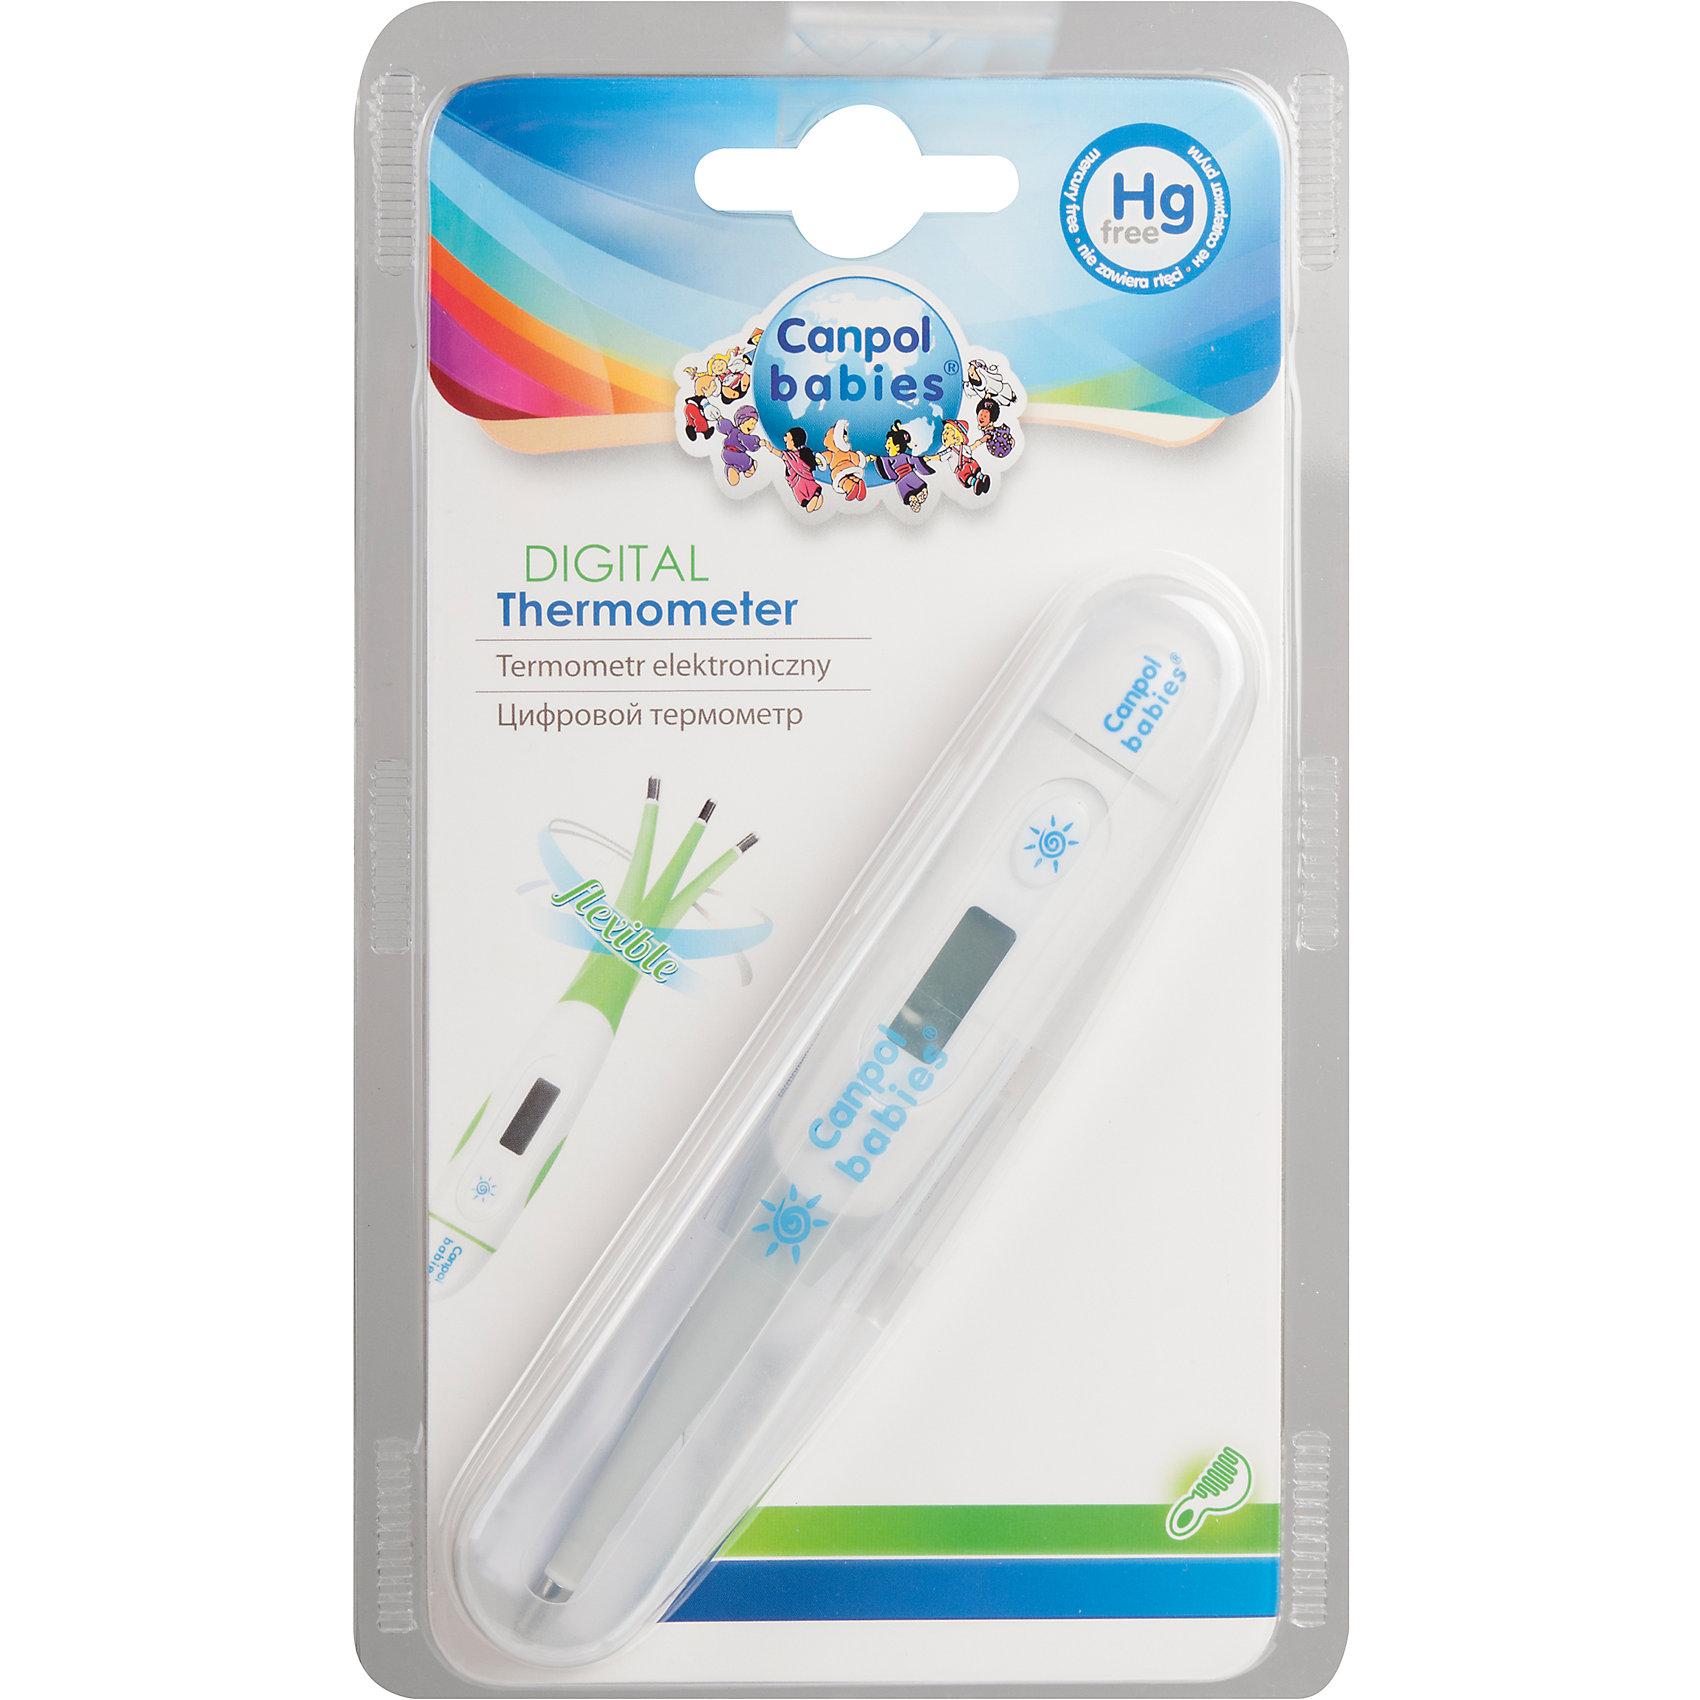 Термометр цифровой, Canpol Babies, серый